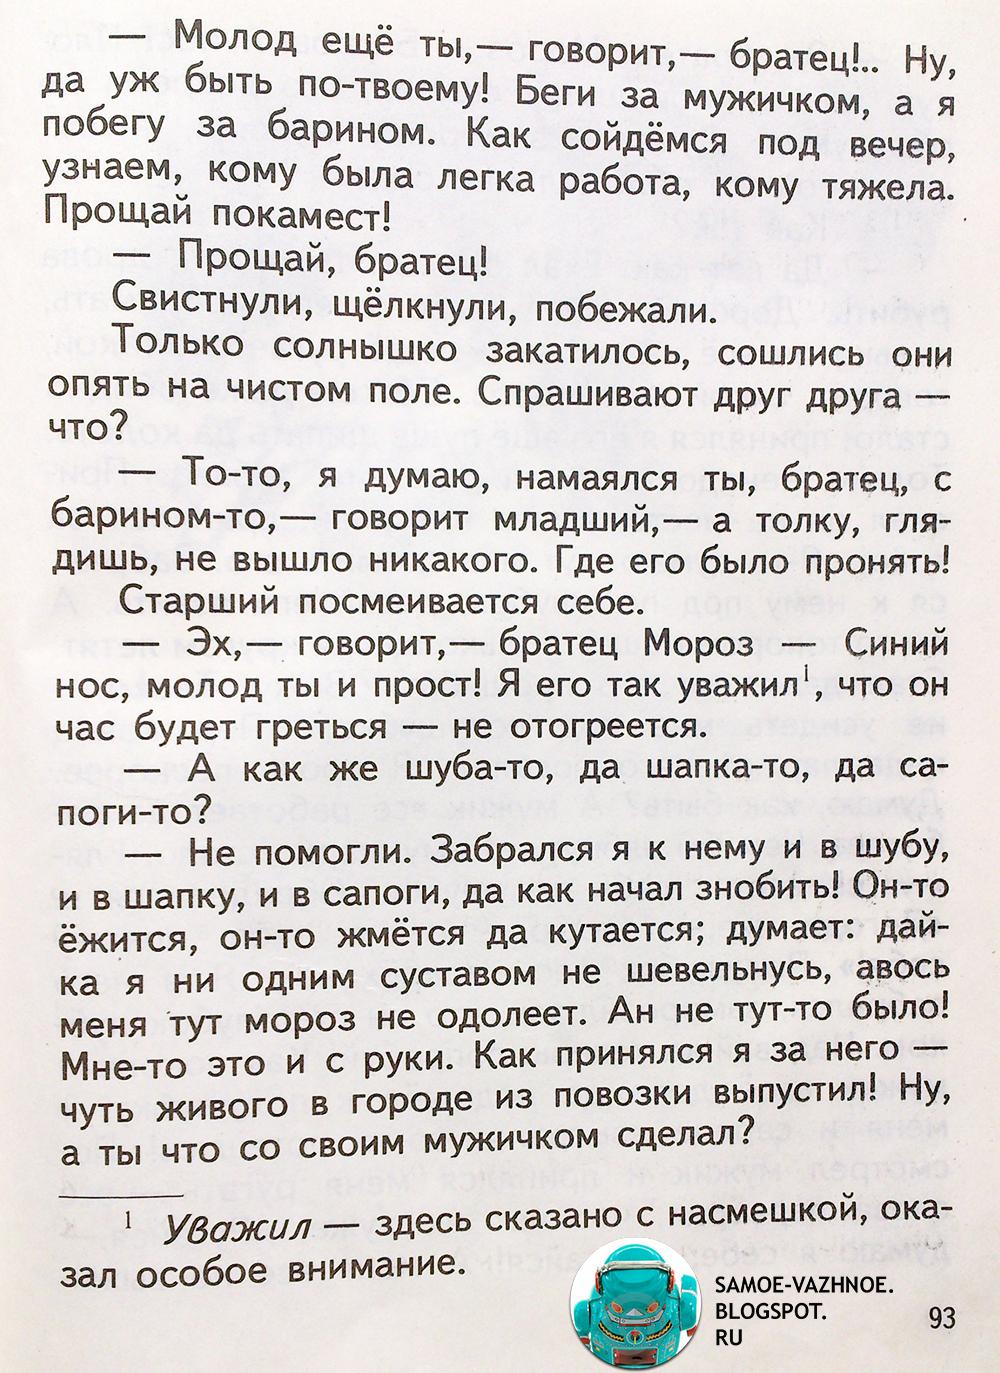 Жёлтый учебник Алма-Ата